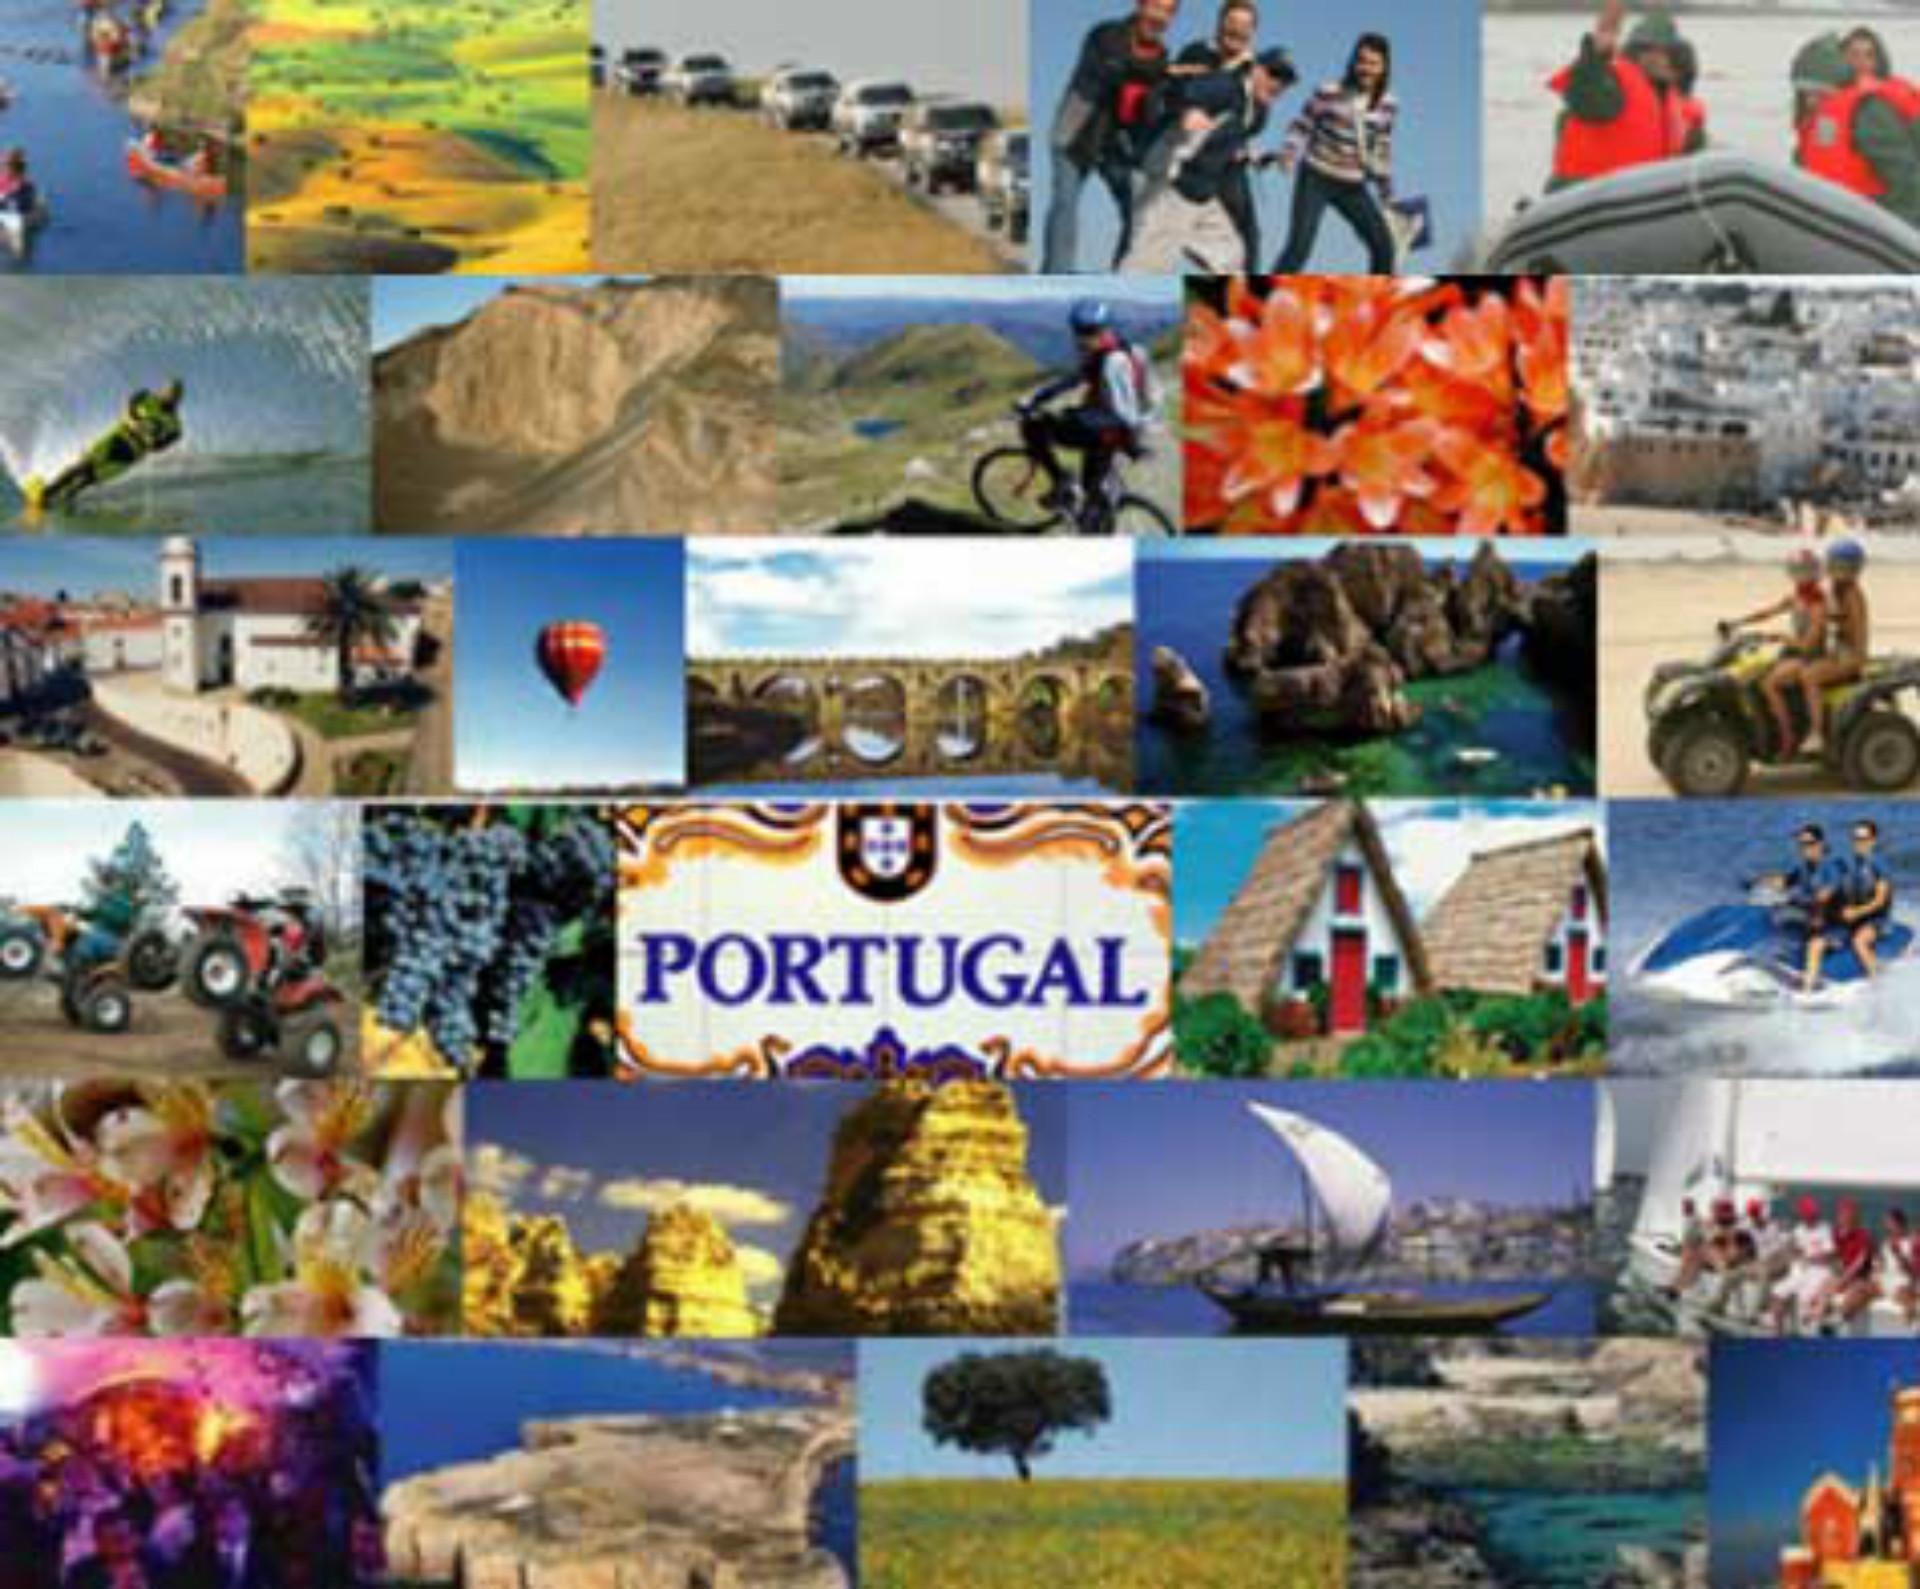 Americanos elegem Portugal como o melhor país da Europa para turismo